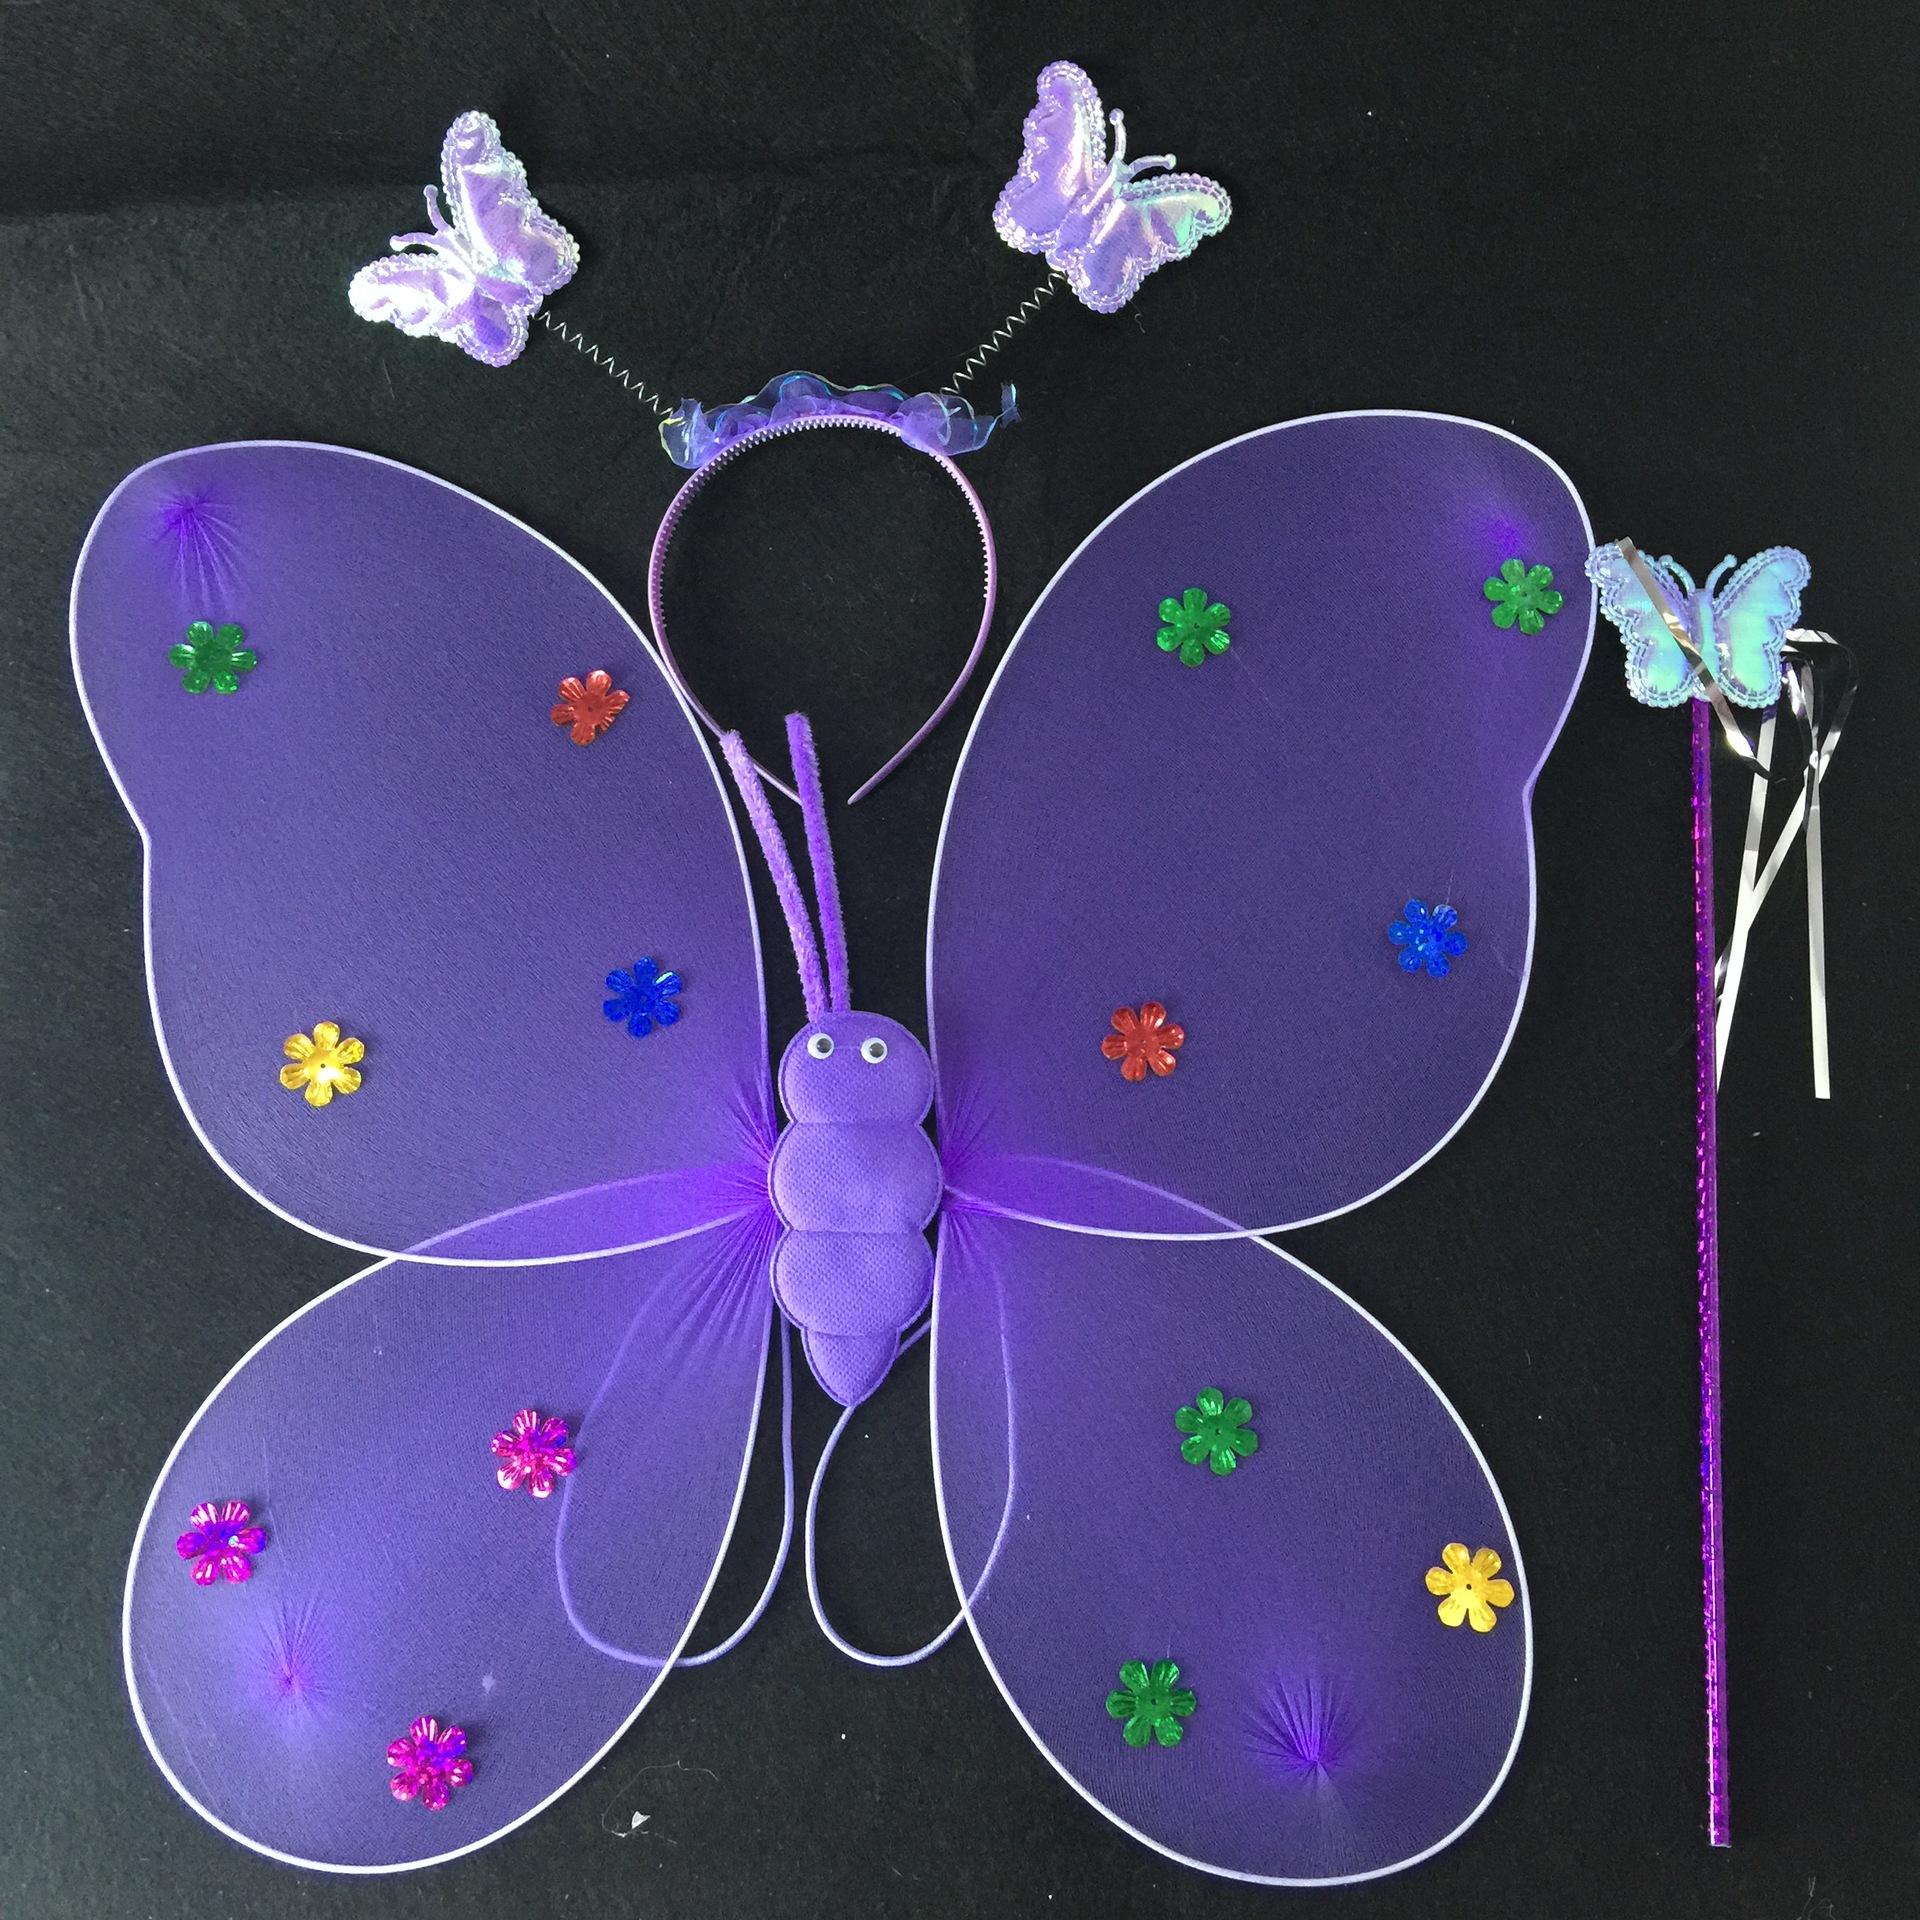 地摊火爆幼儿园景区舞蹈表演道具丝网单层天使蝴蝶翅膀三件套示例图5